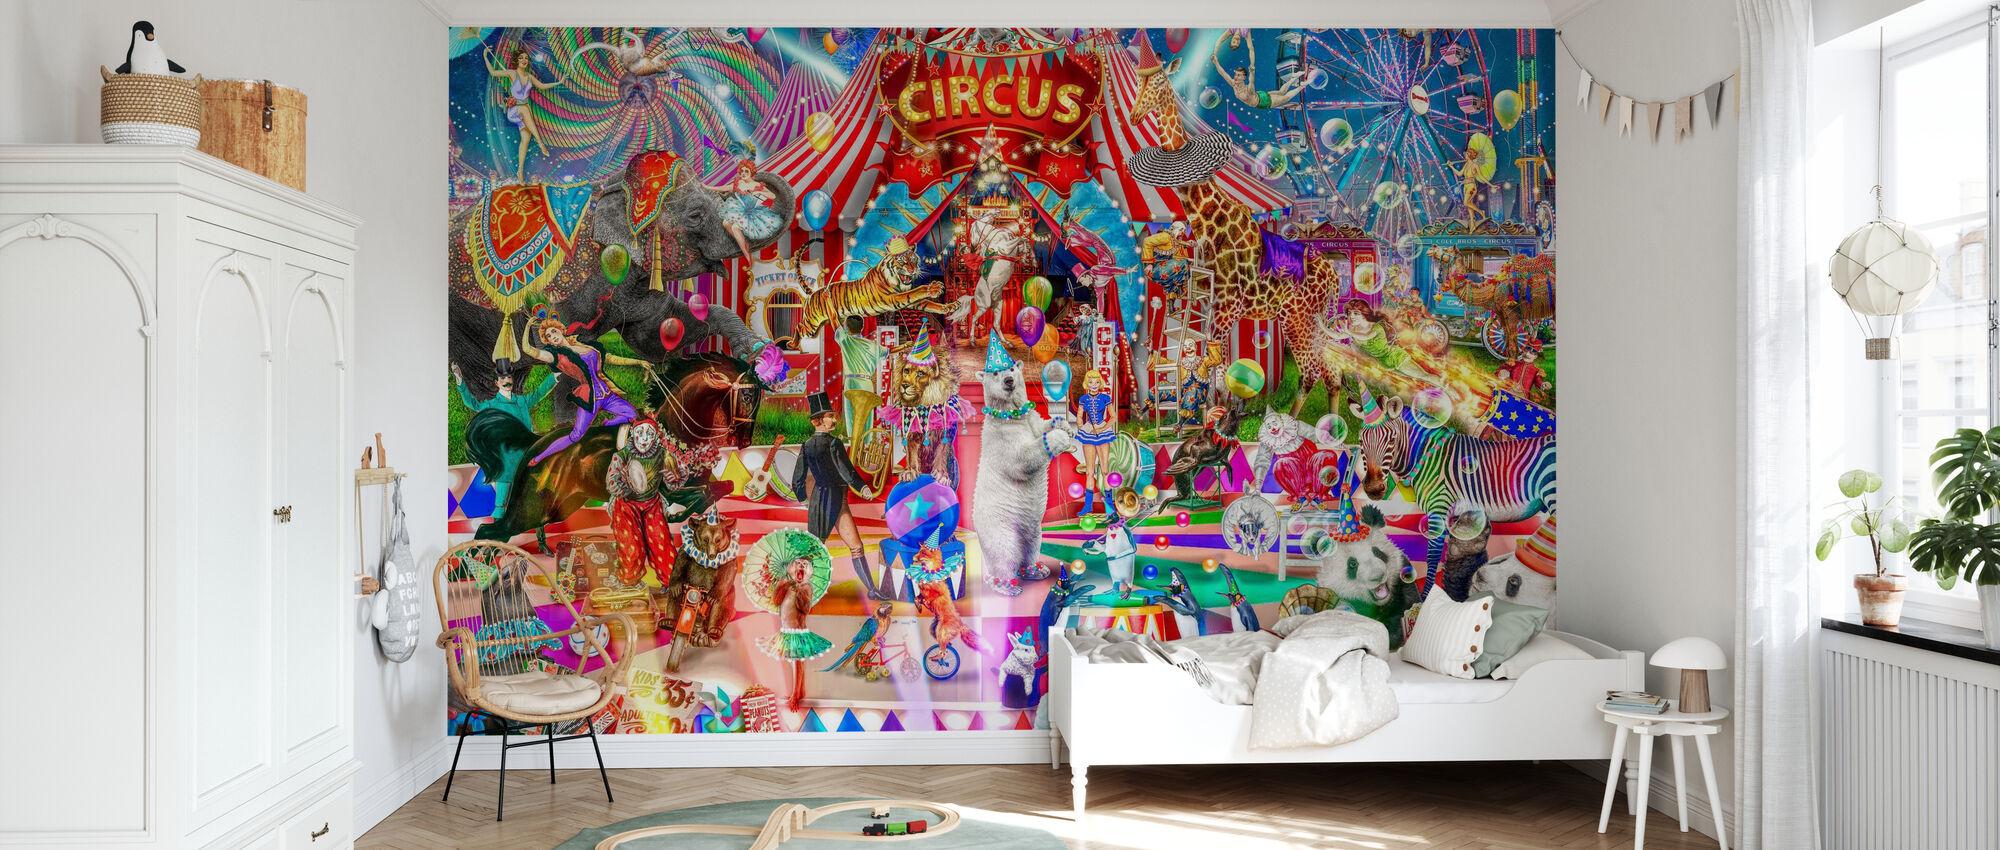 Nacht in het Circus - Behang - Kinderkamer